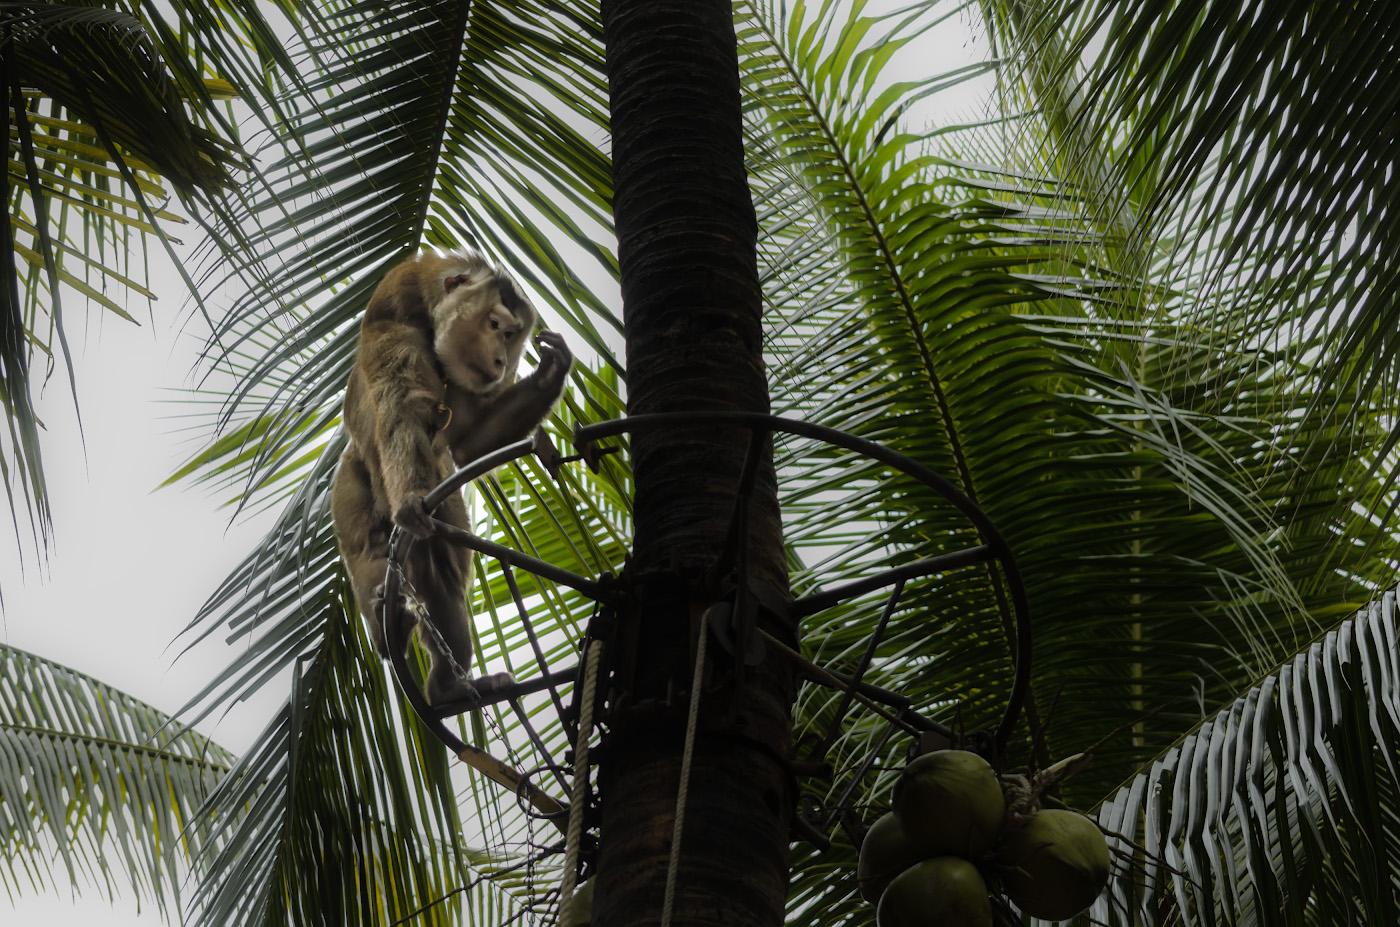 24. Тайский Ходорковский - узник ни за что... Зверинце в тропическом саду Нонг Нуч в Паттайе. Отзывы туристов об экскурсиях по интересным местам Таиланда.